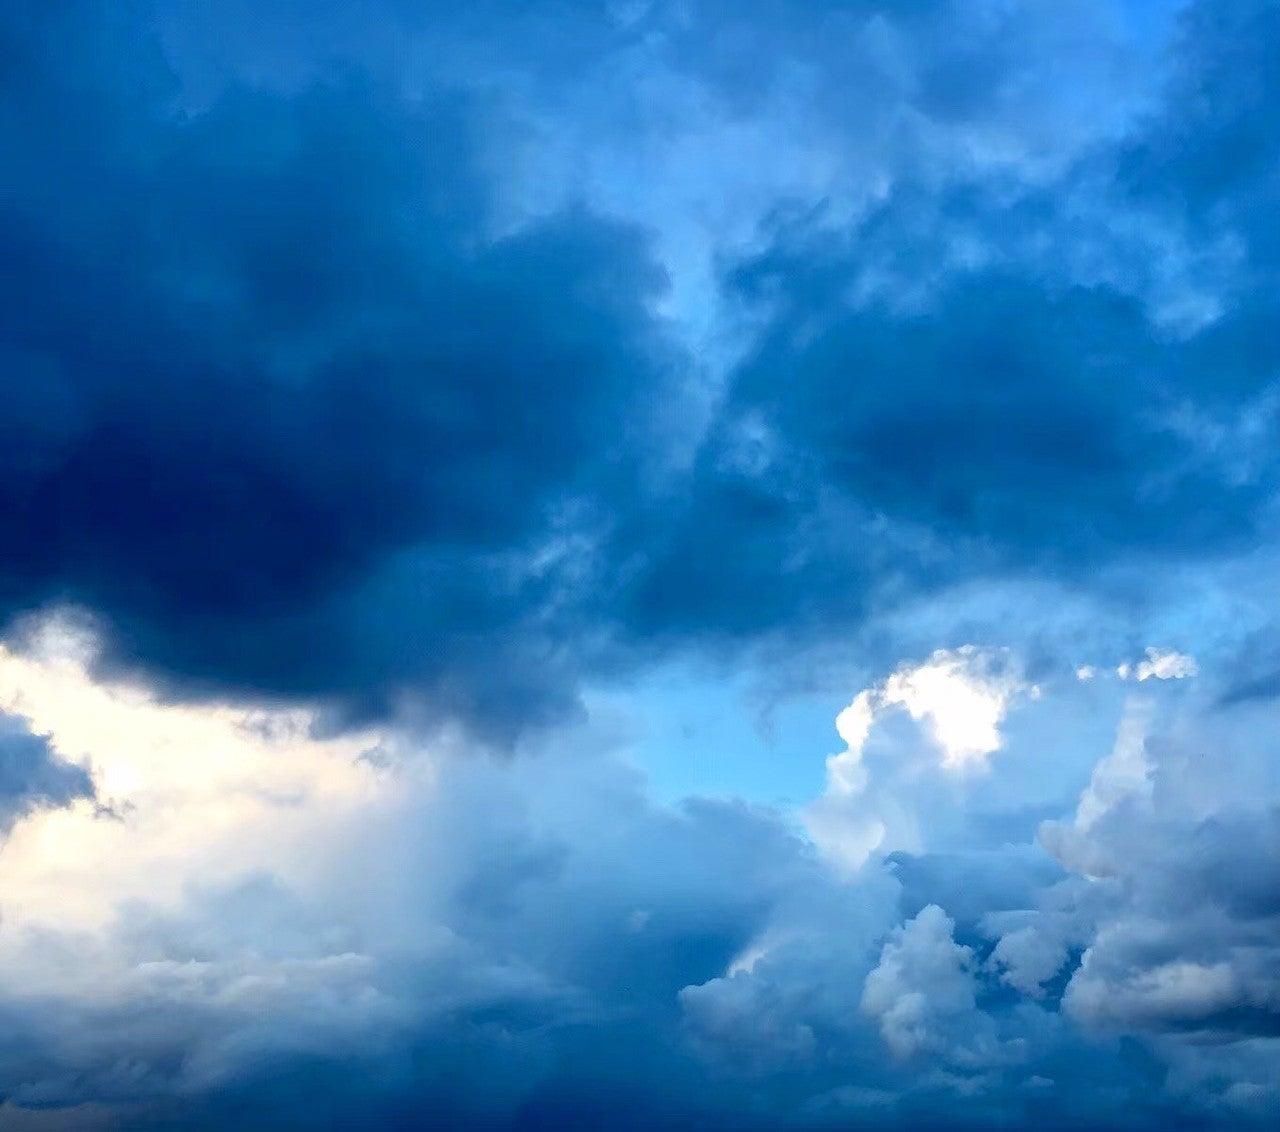 空 の よう に 晴れ渡る